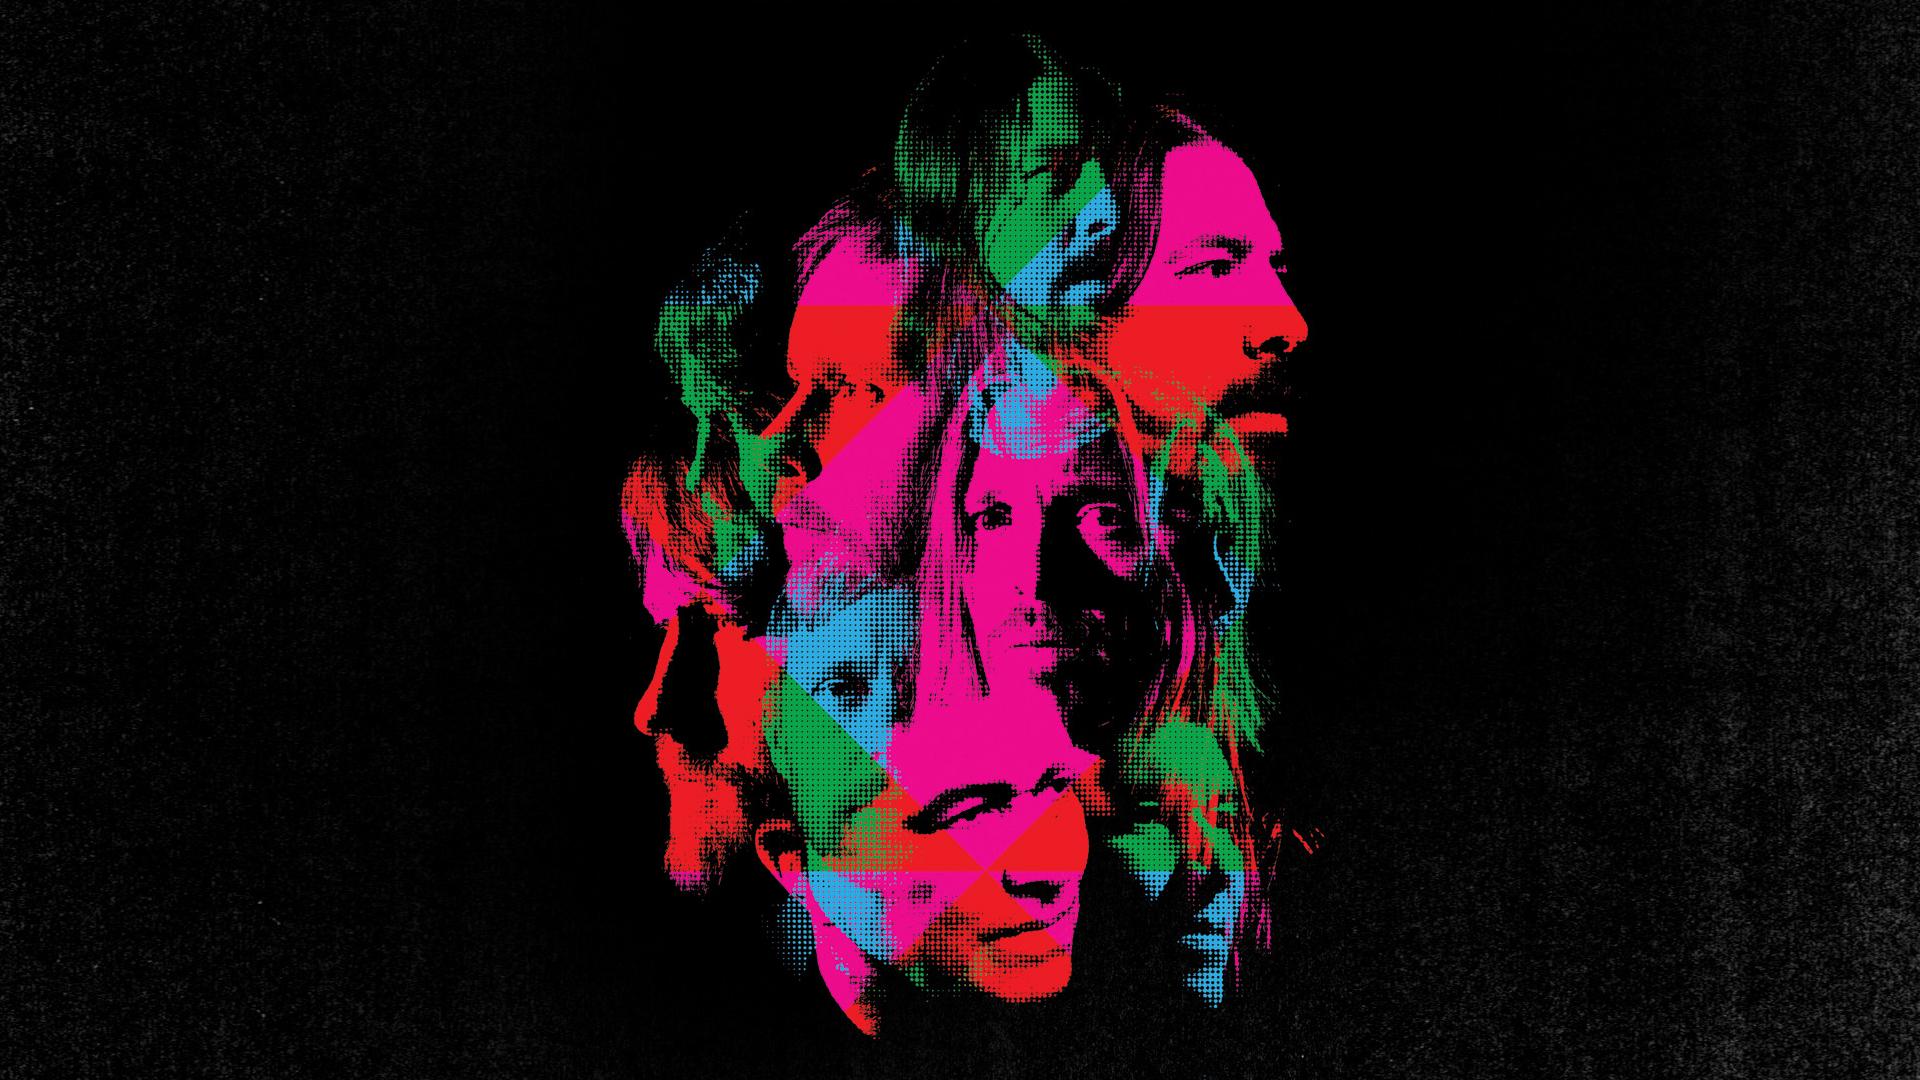 Foo Fighters Computer Wallpapers Desktop Backgrounds 1920x1080 ID 1920x1080